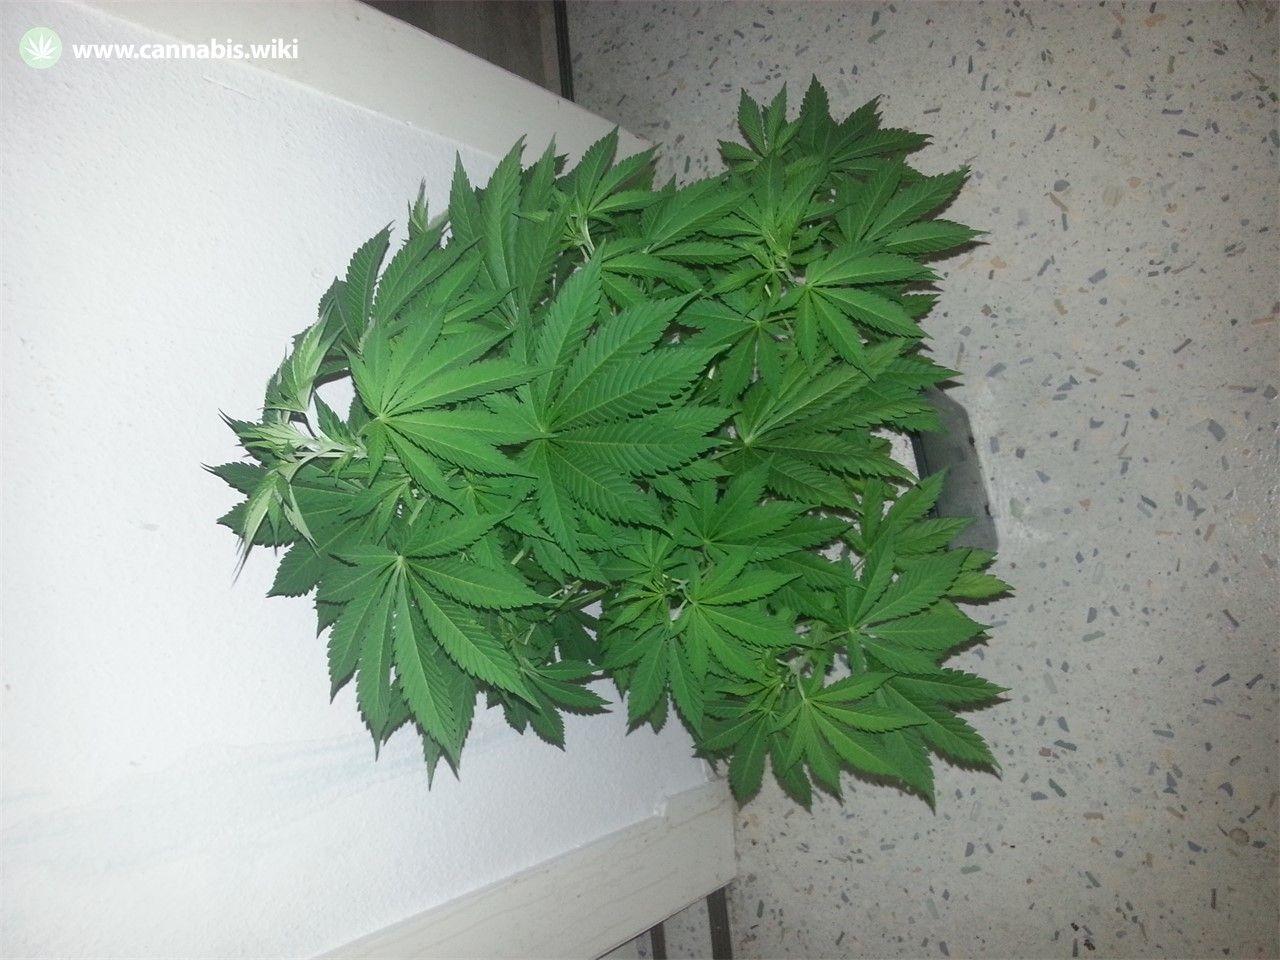 Cannabis Wiki - Strain Purple Bud - Pub - Indica